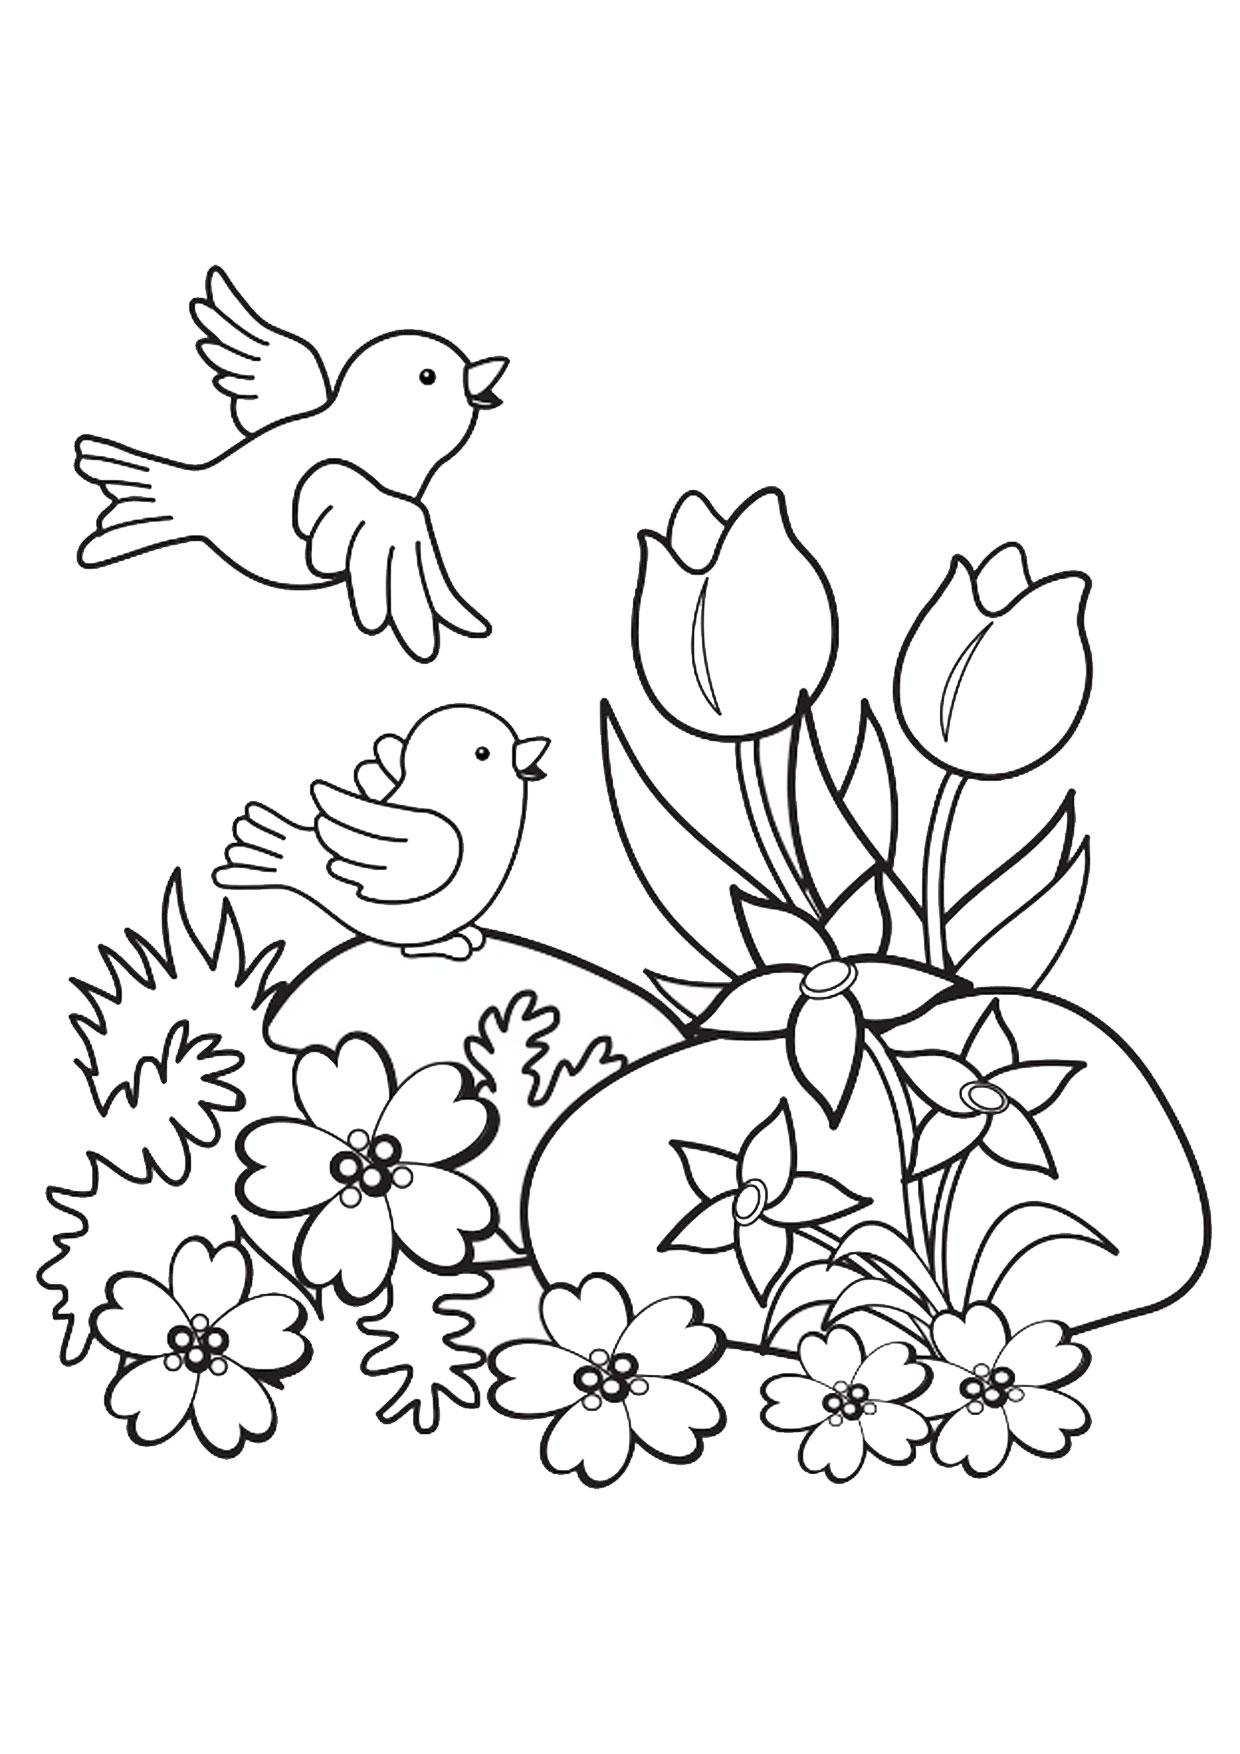 Disegno di paesaggio primaverile da colorare 10